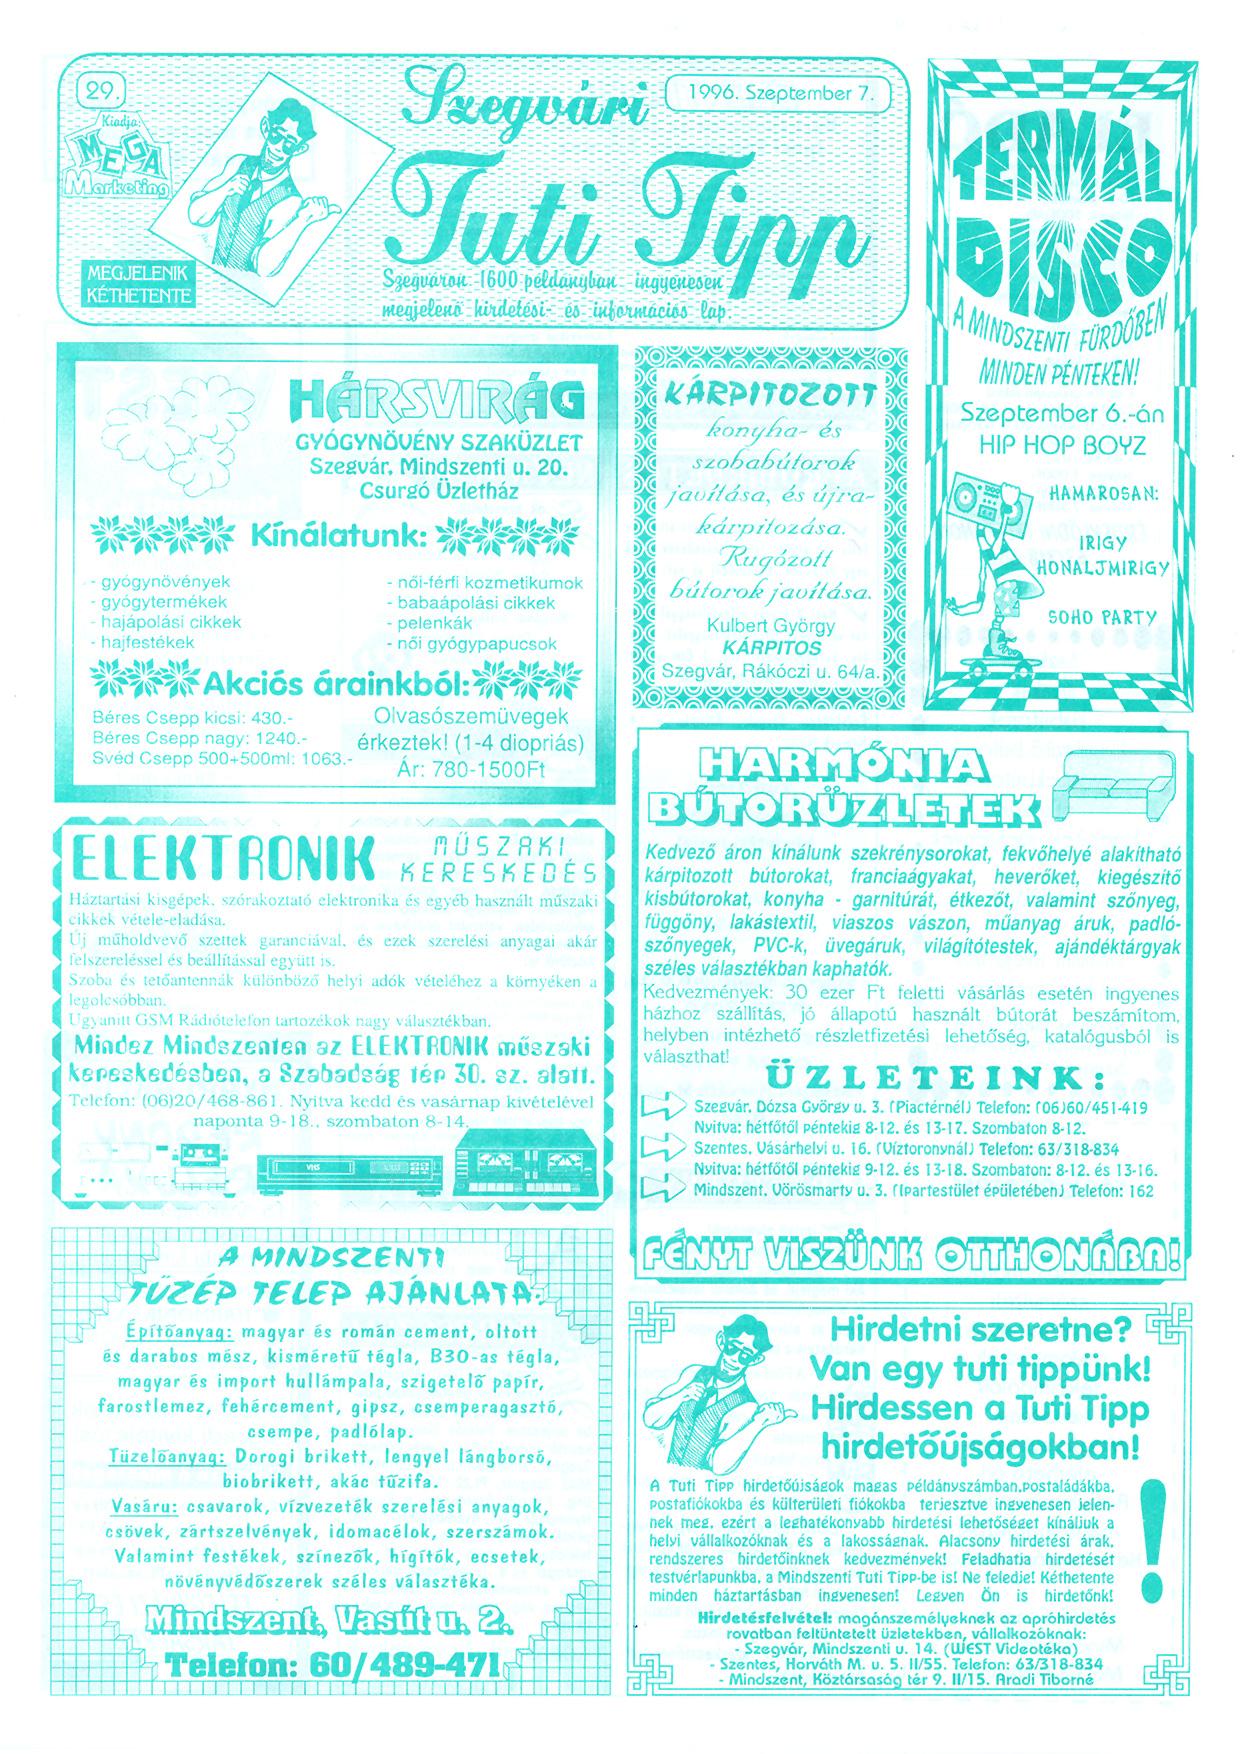 047 Szegvári Tuti Tipp reklámújság - 19960907-029. lapszám - 1.oldal - II. évfolyam.jpg